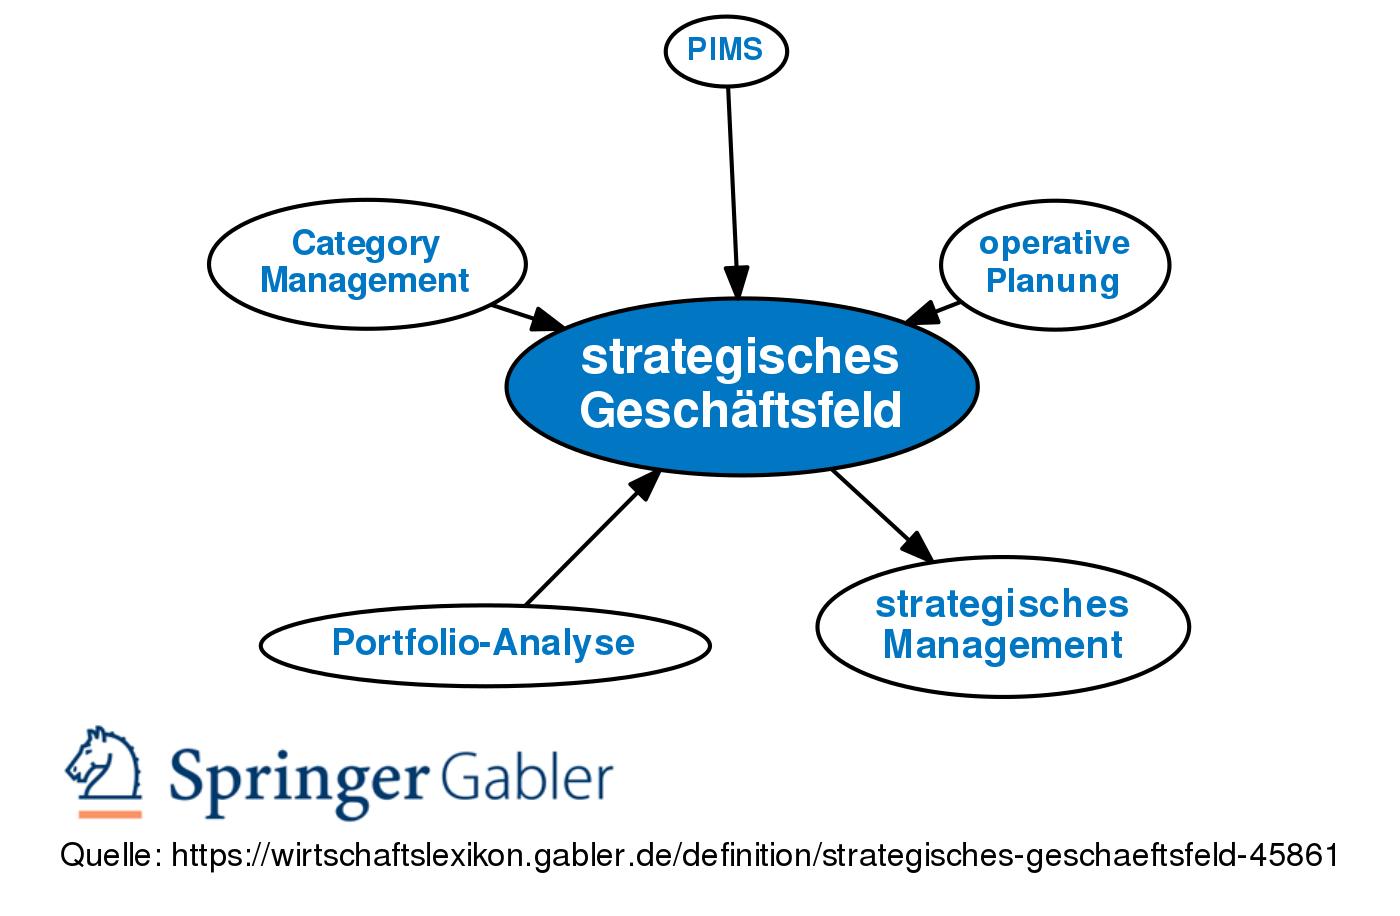 Strategisches Geschaftsfeld Definition Gabler Wirtschaftslexikon